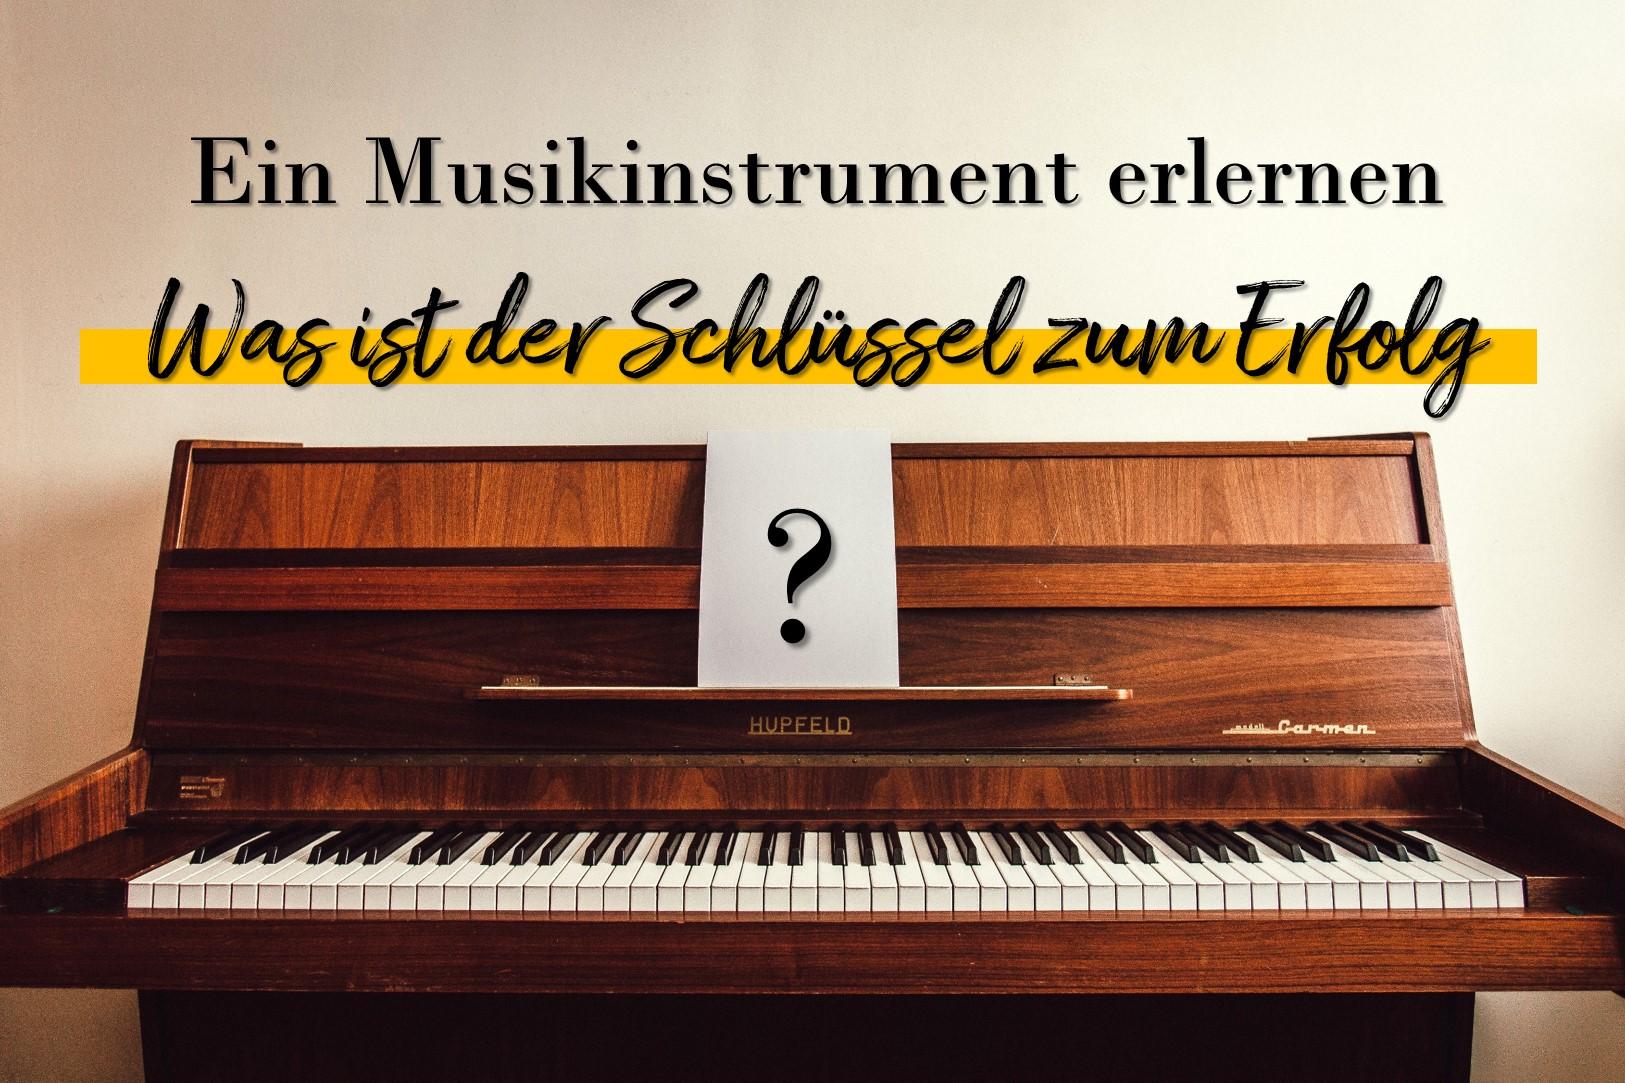 Ein Musikinstrument erlernen - Was ist der Schlüssel zum Erfolg?